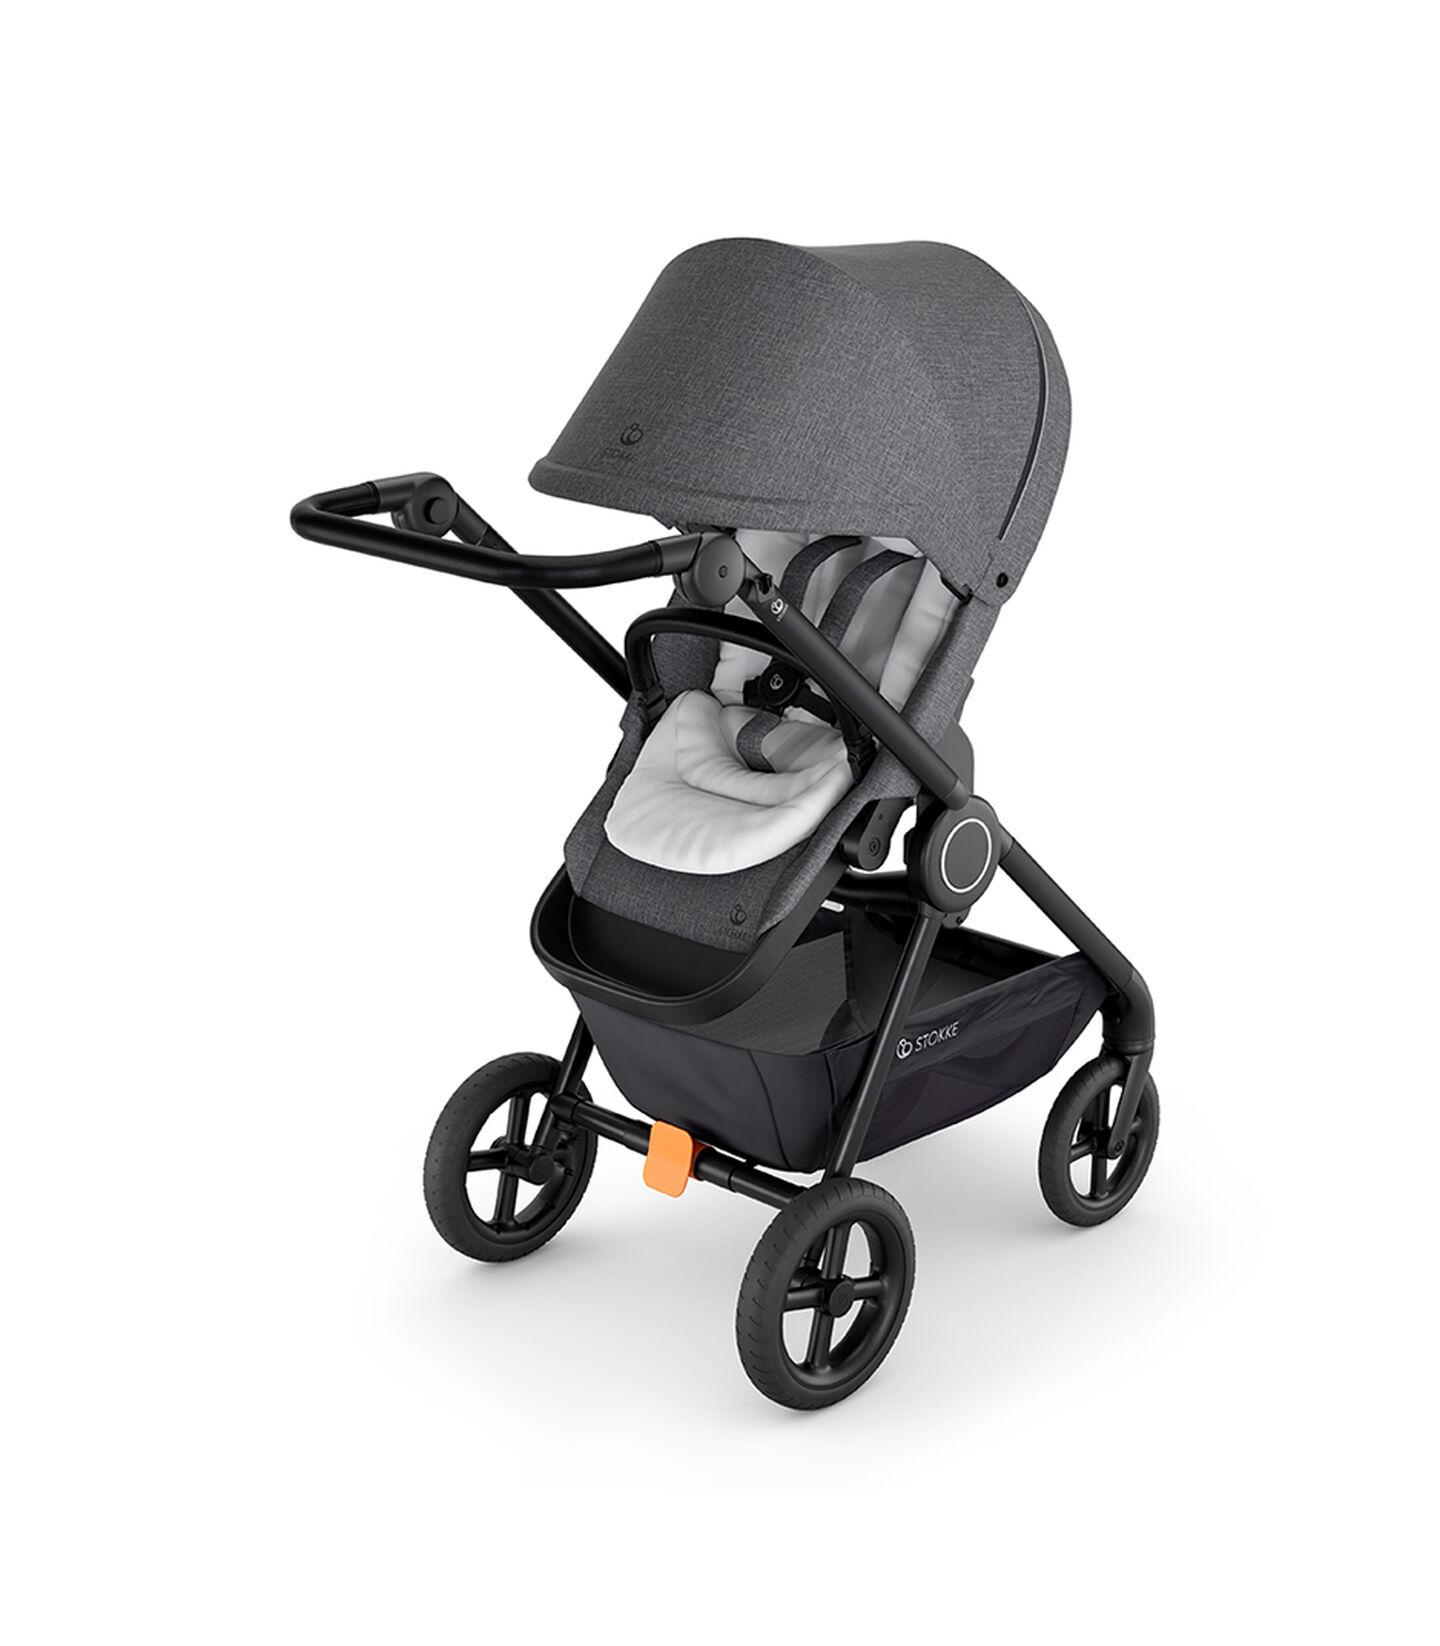 Wkładka dla niemowląt Stokke® Stroller Infant Insert, , mainview view 2